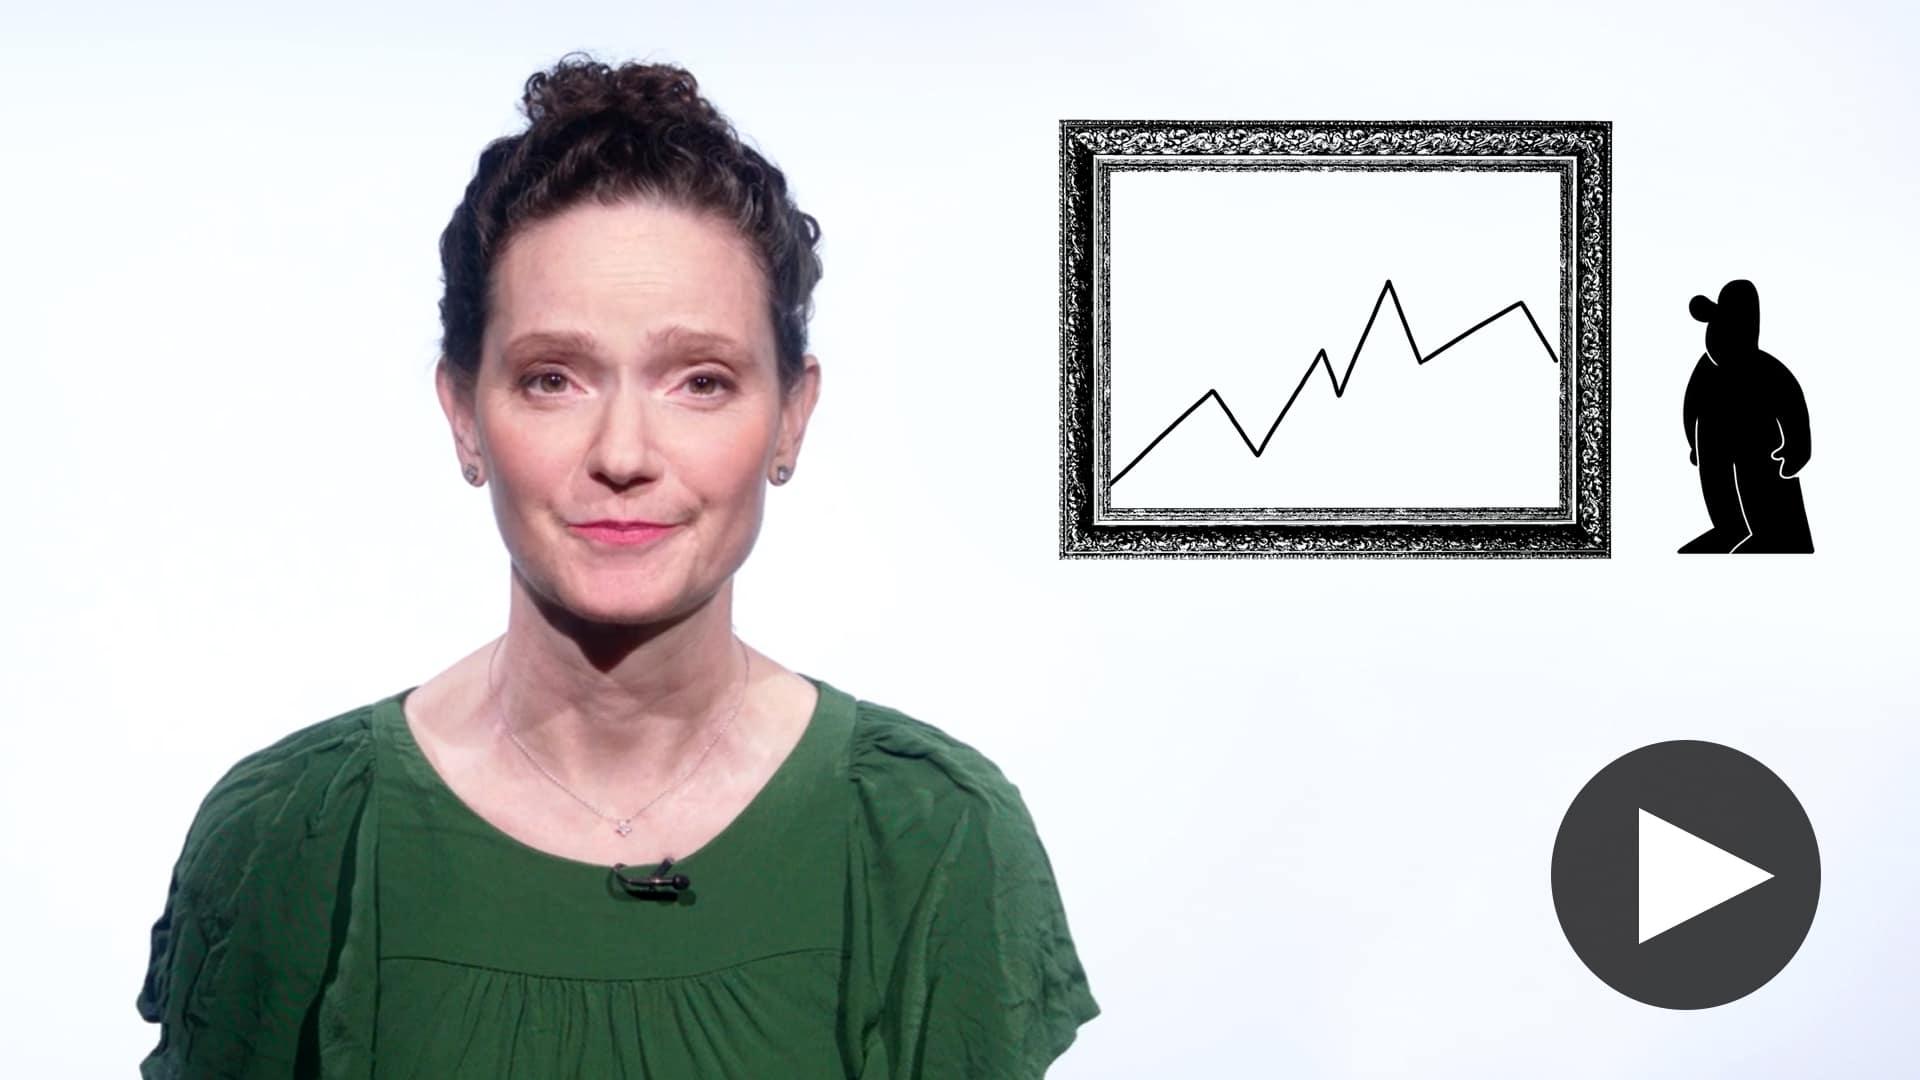 MoneyTalk presents: Wealth Psychology